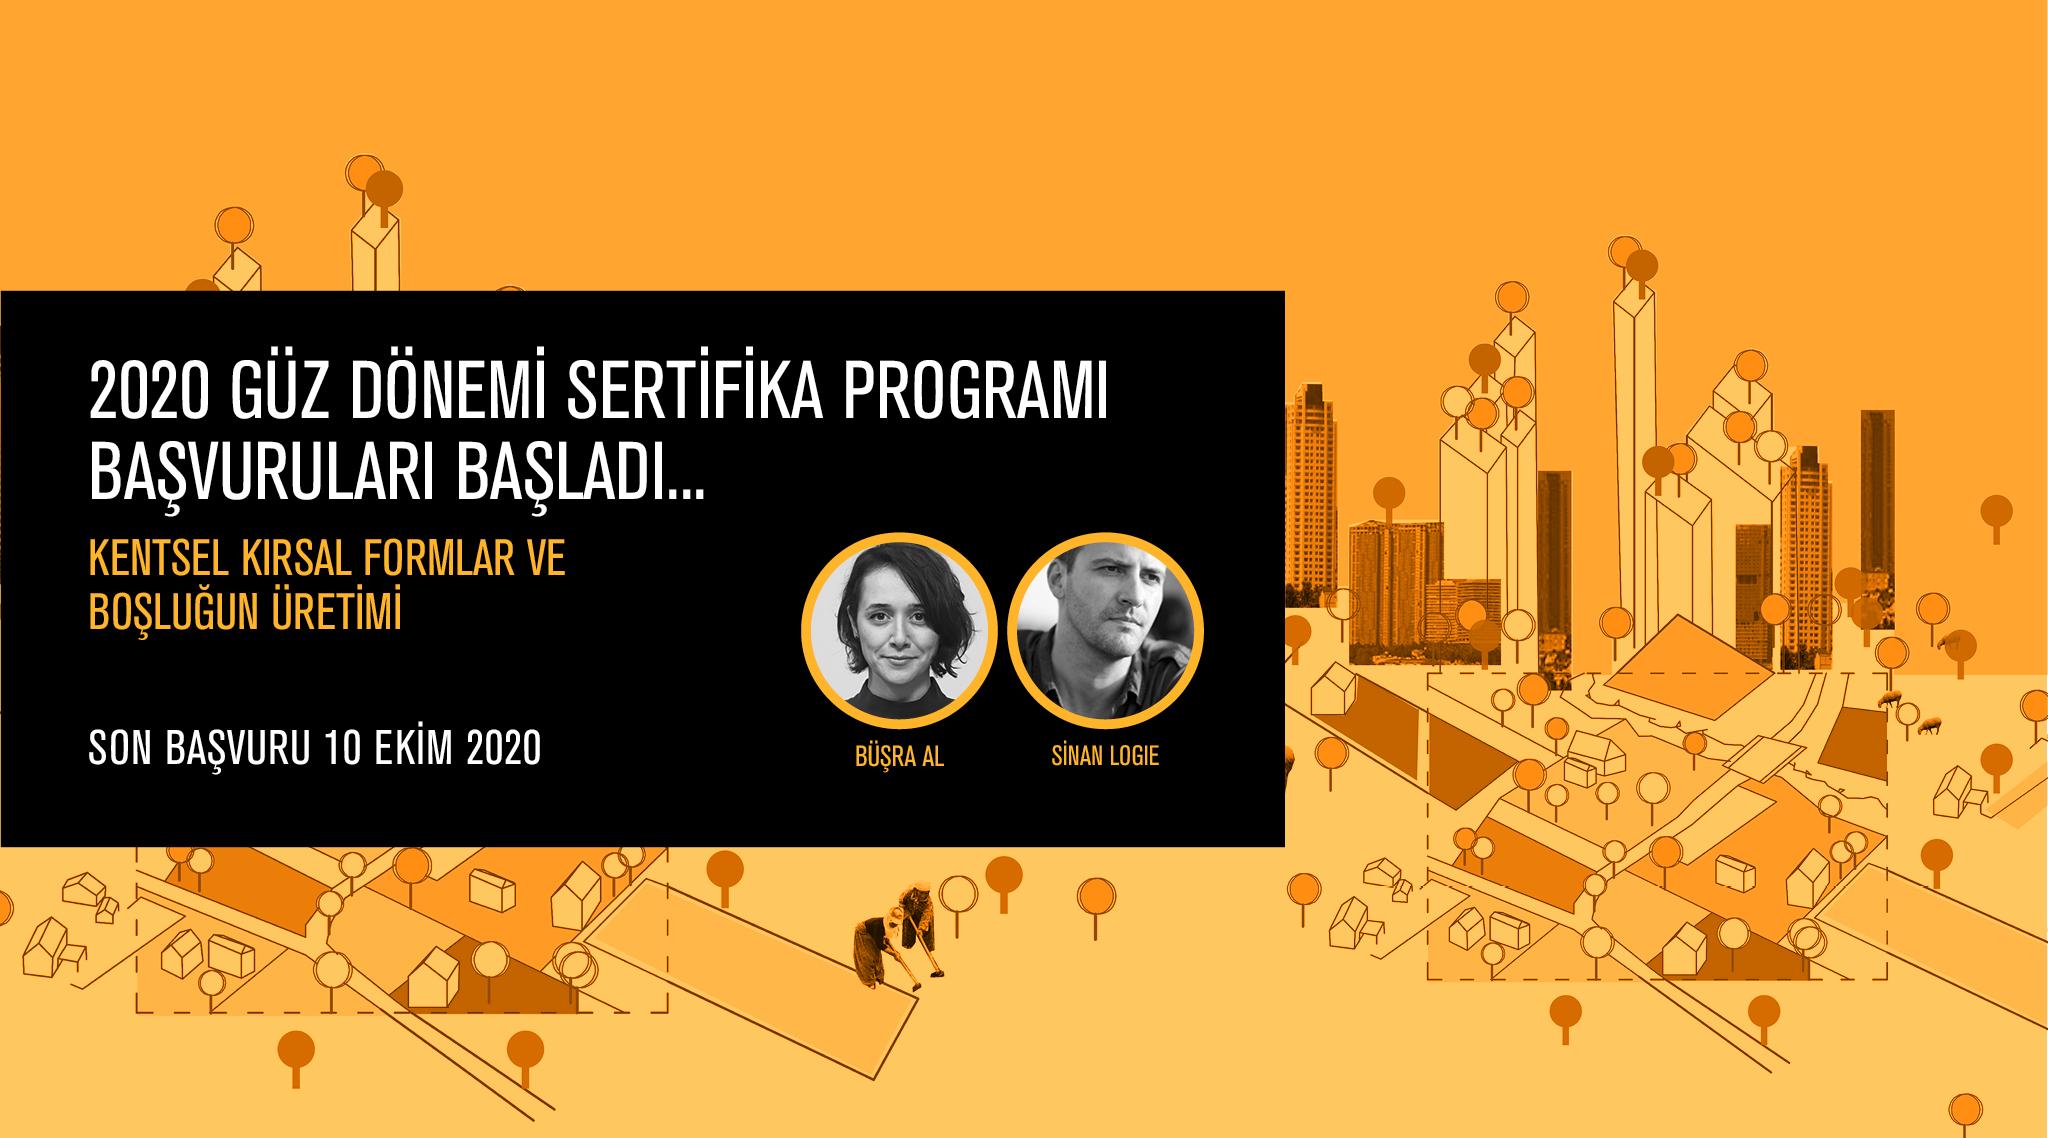 AURA İstanbul 2020 Güz Dönemi Sertifika Programı Başvuruları Başladı!